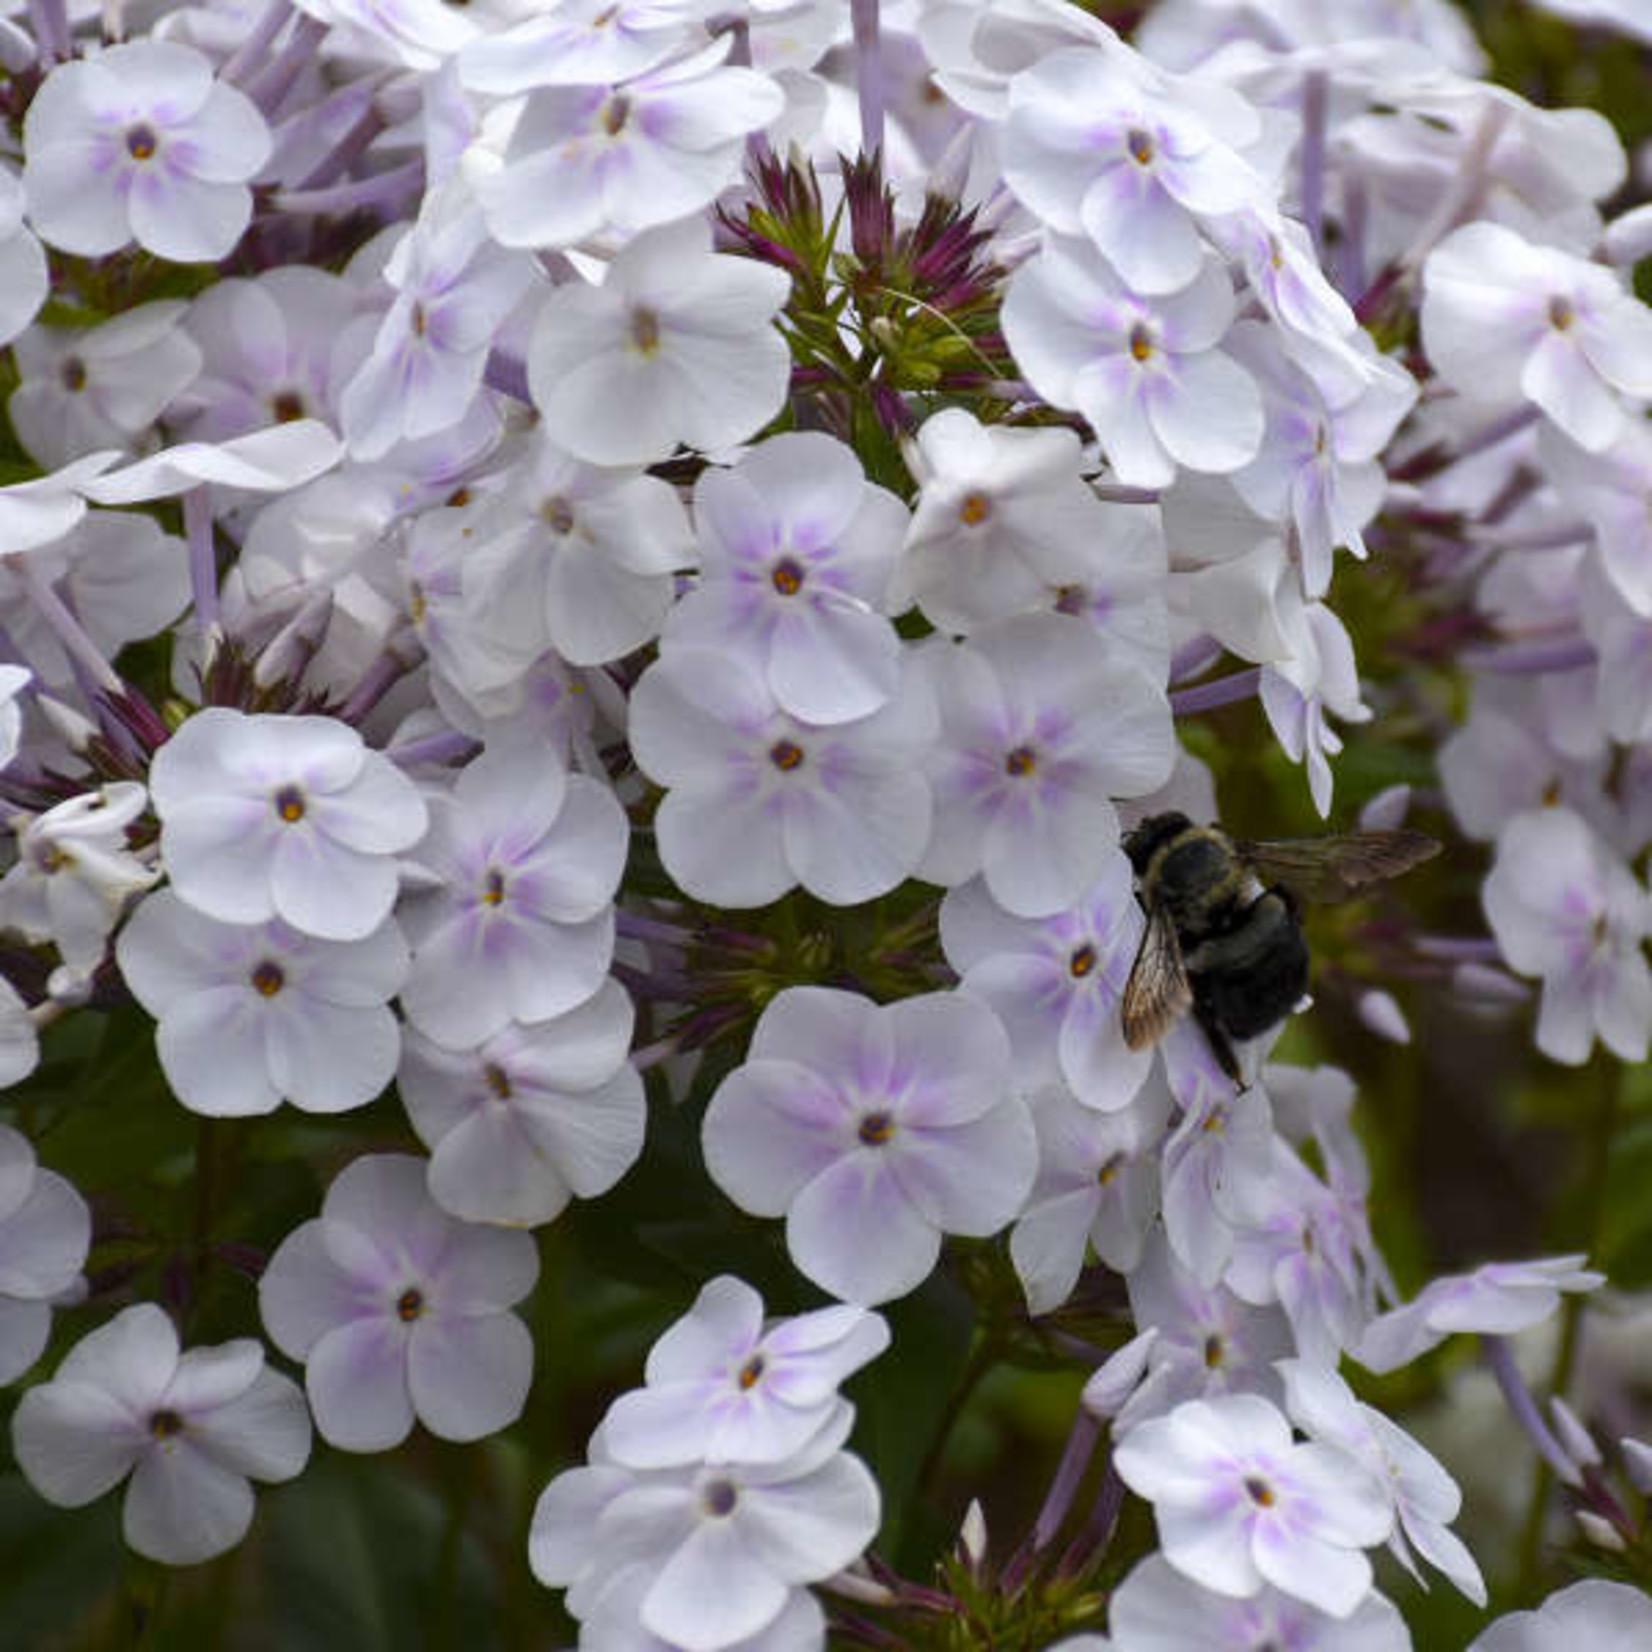 Garden Phlox 'fashionably early crystal' 2 gal